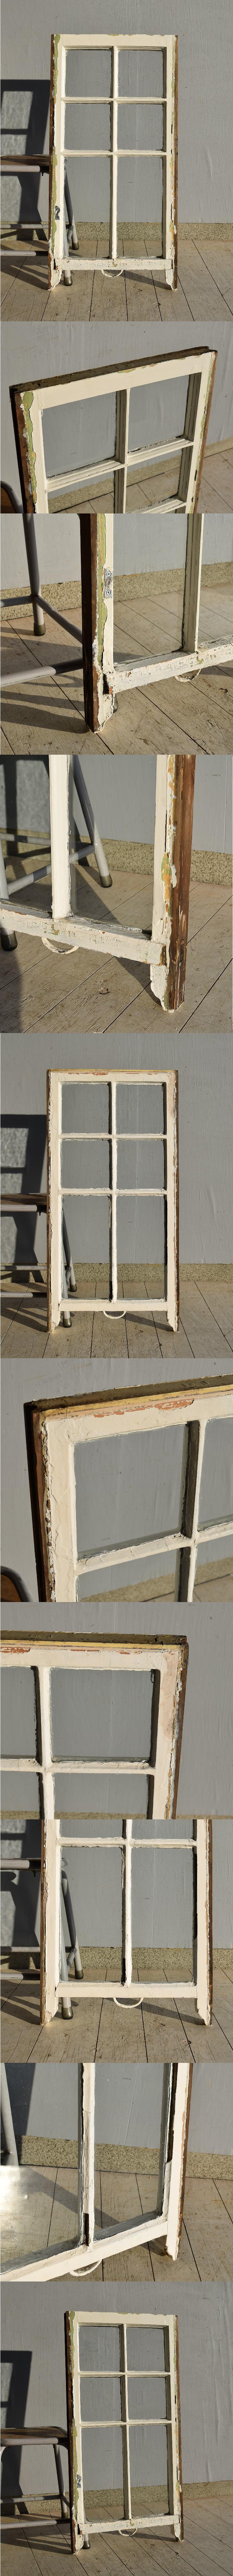 イギリス アンティーク 木製窓 ディスプレイ 建具 7567